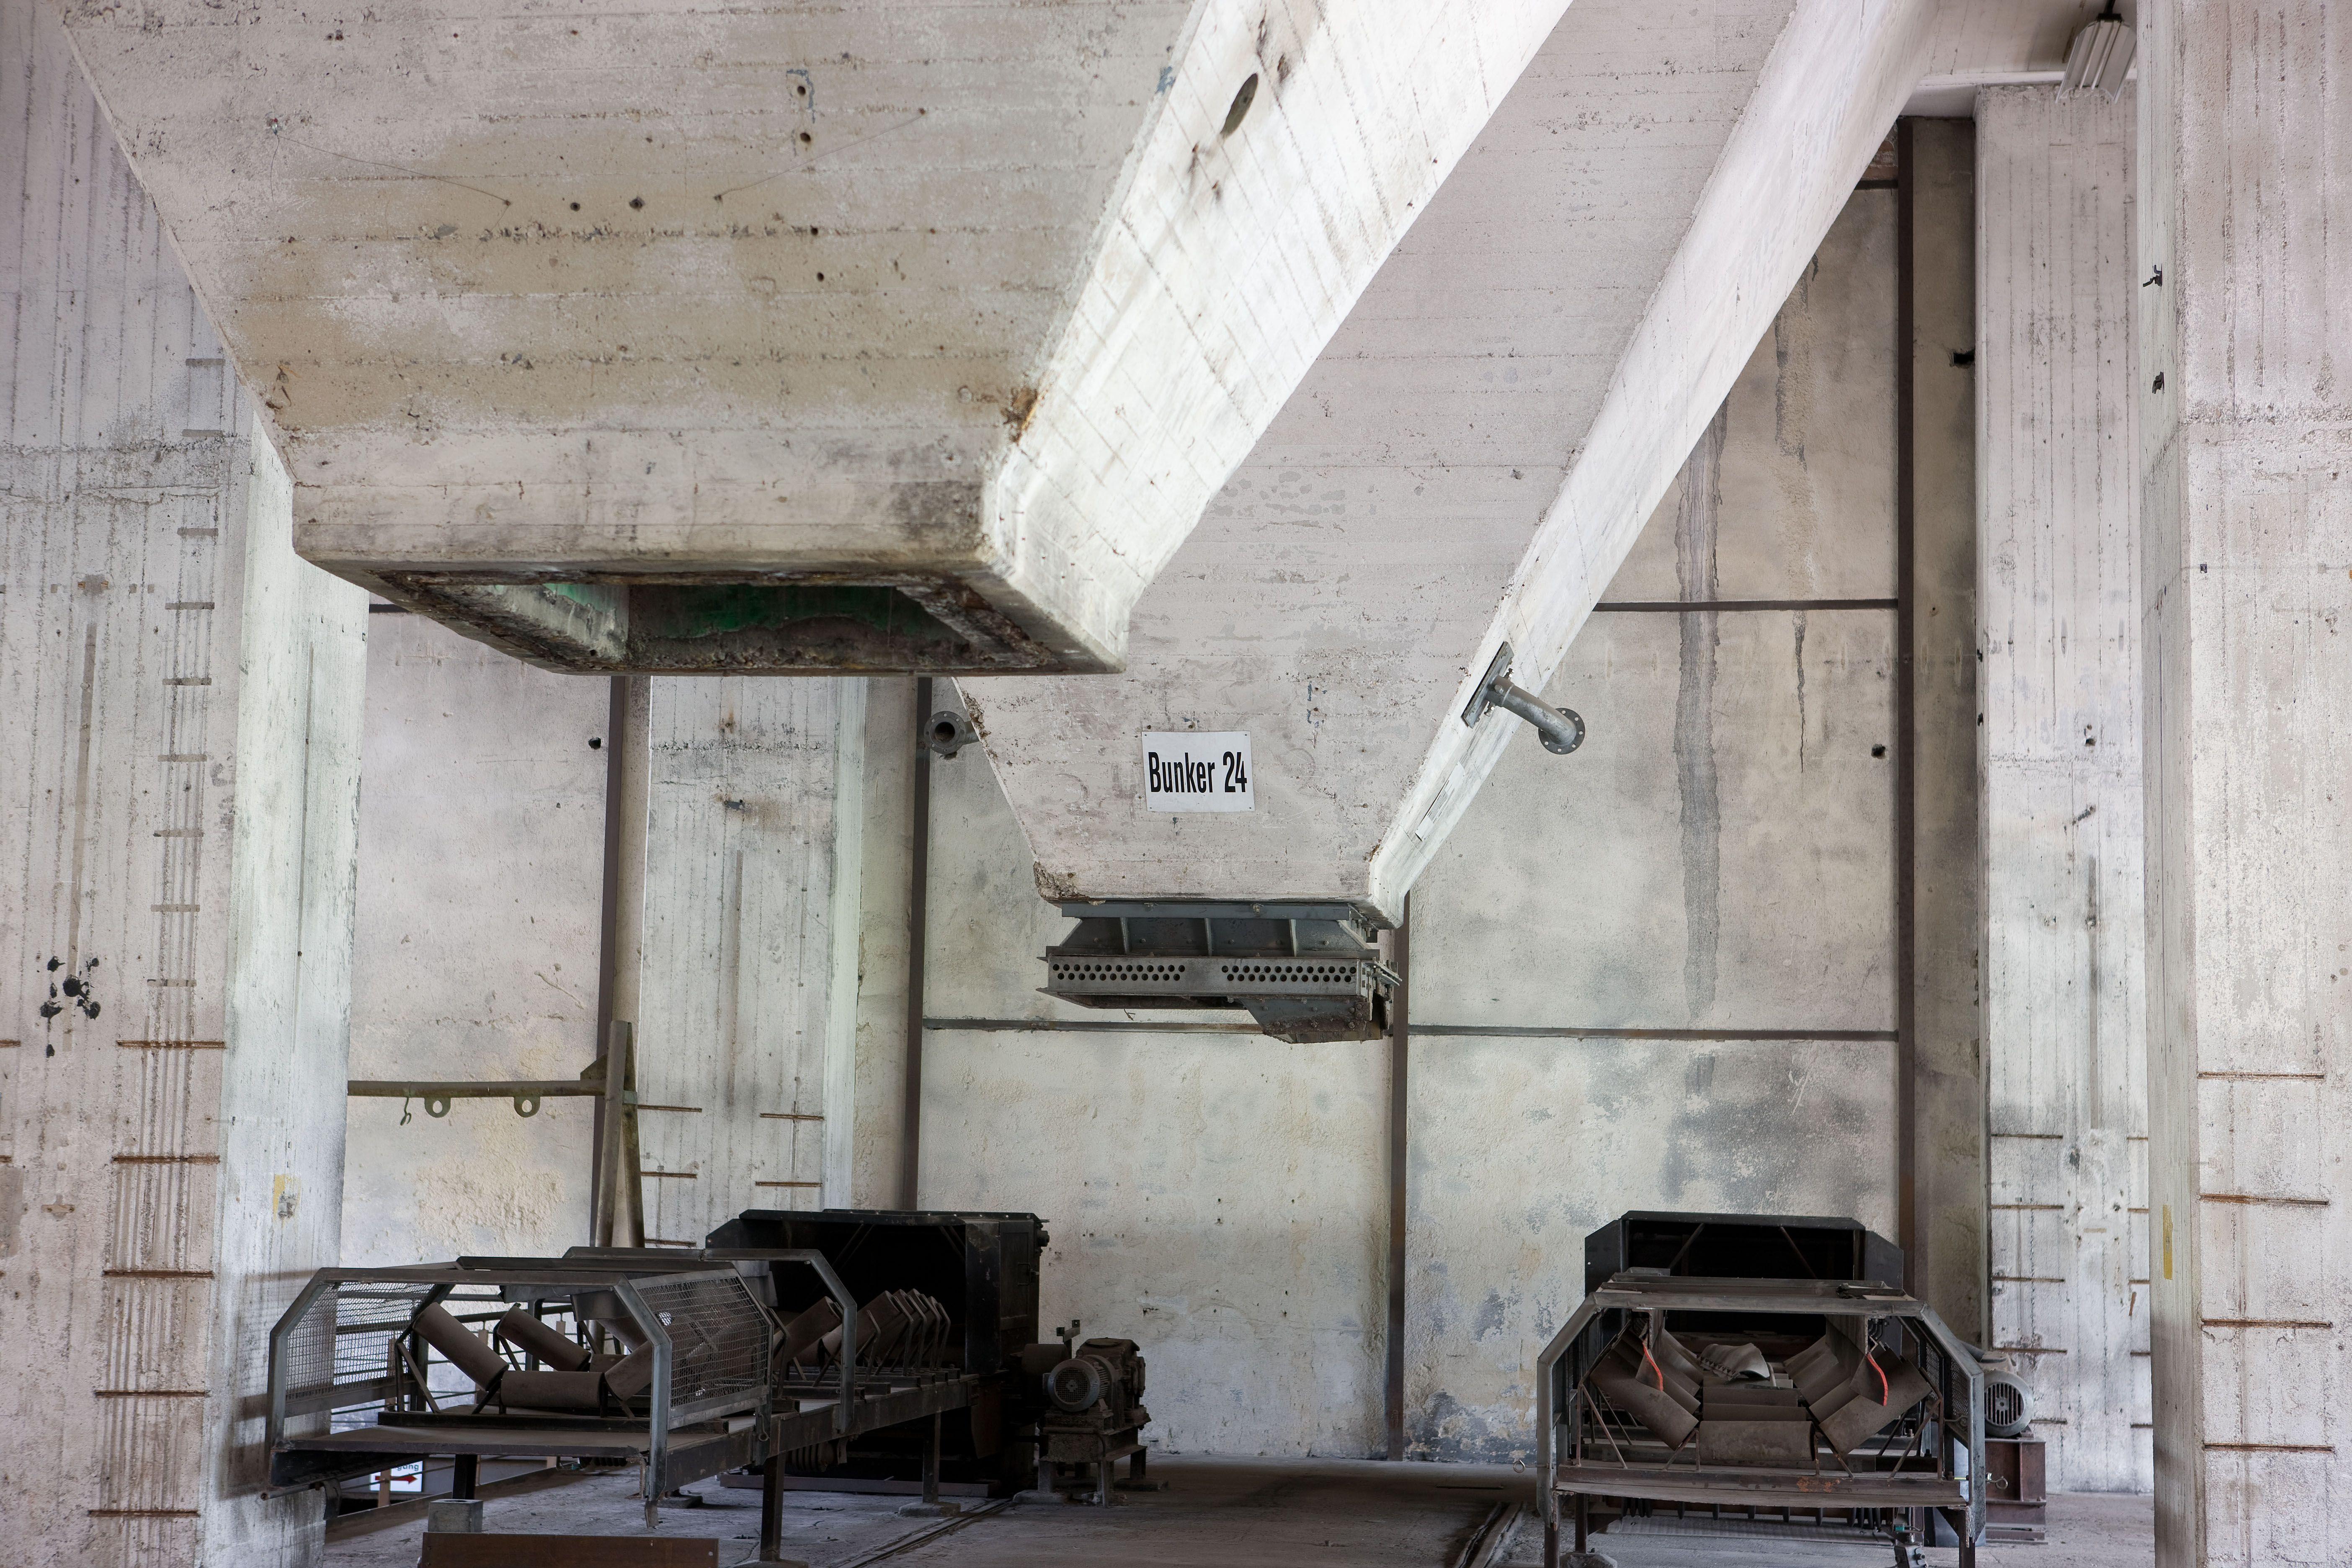 Zeche Zollverein Bunker 24